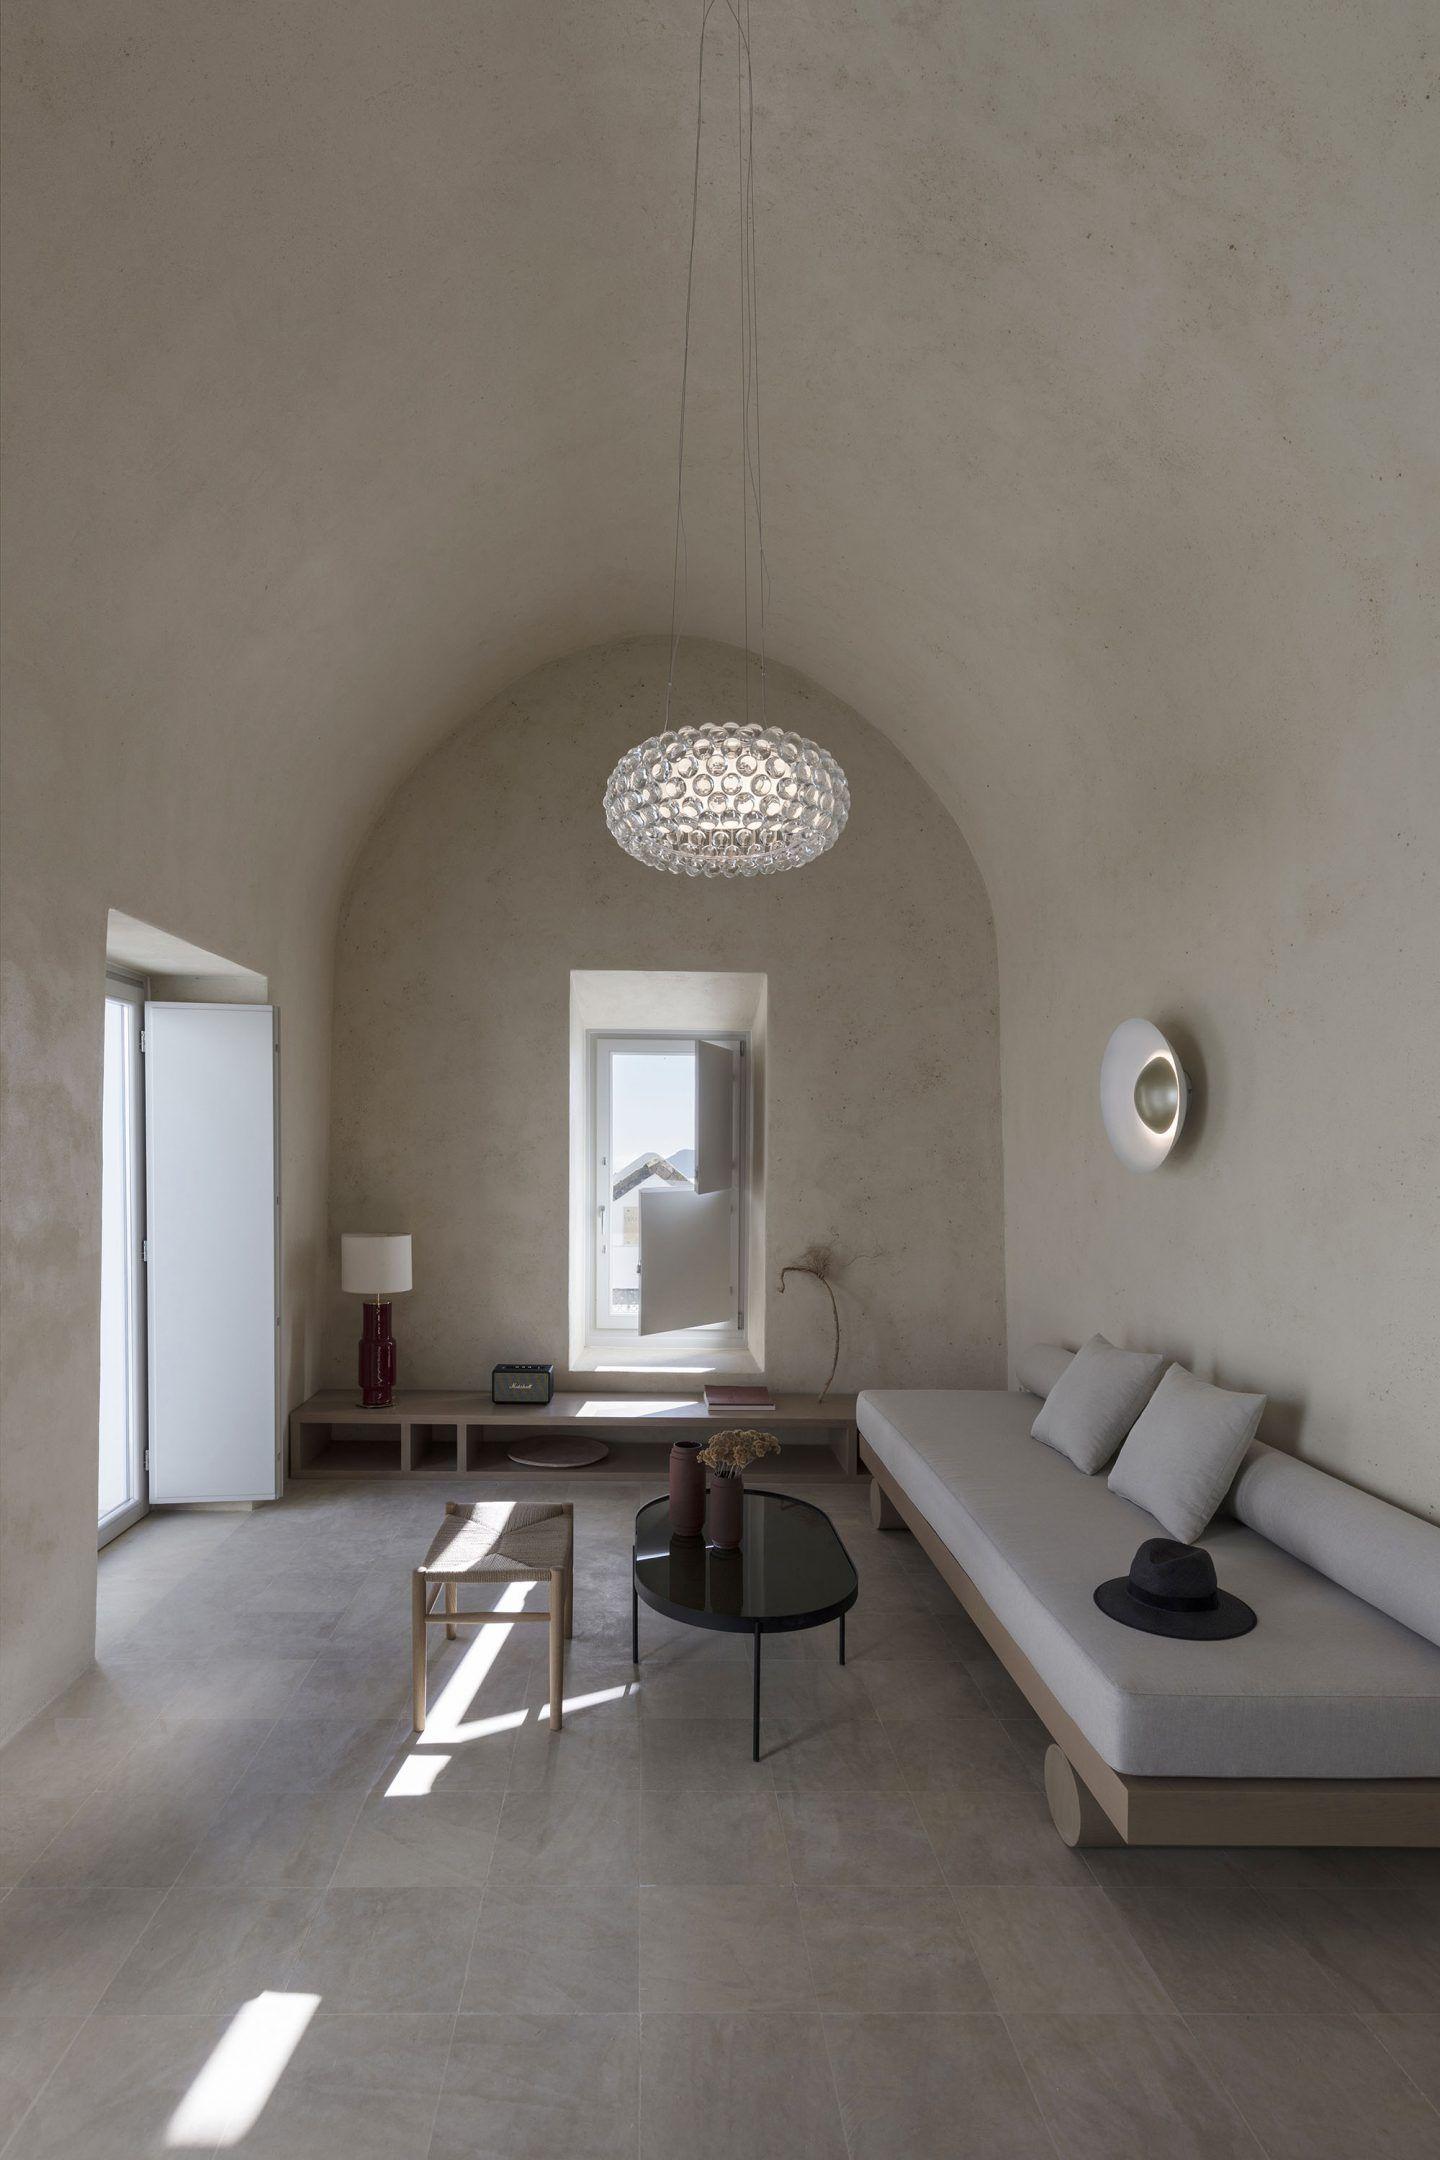 IGNANT-Architecture-Kapsimali-Fira-05